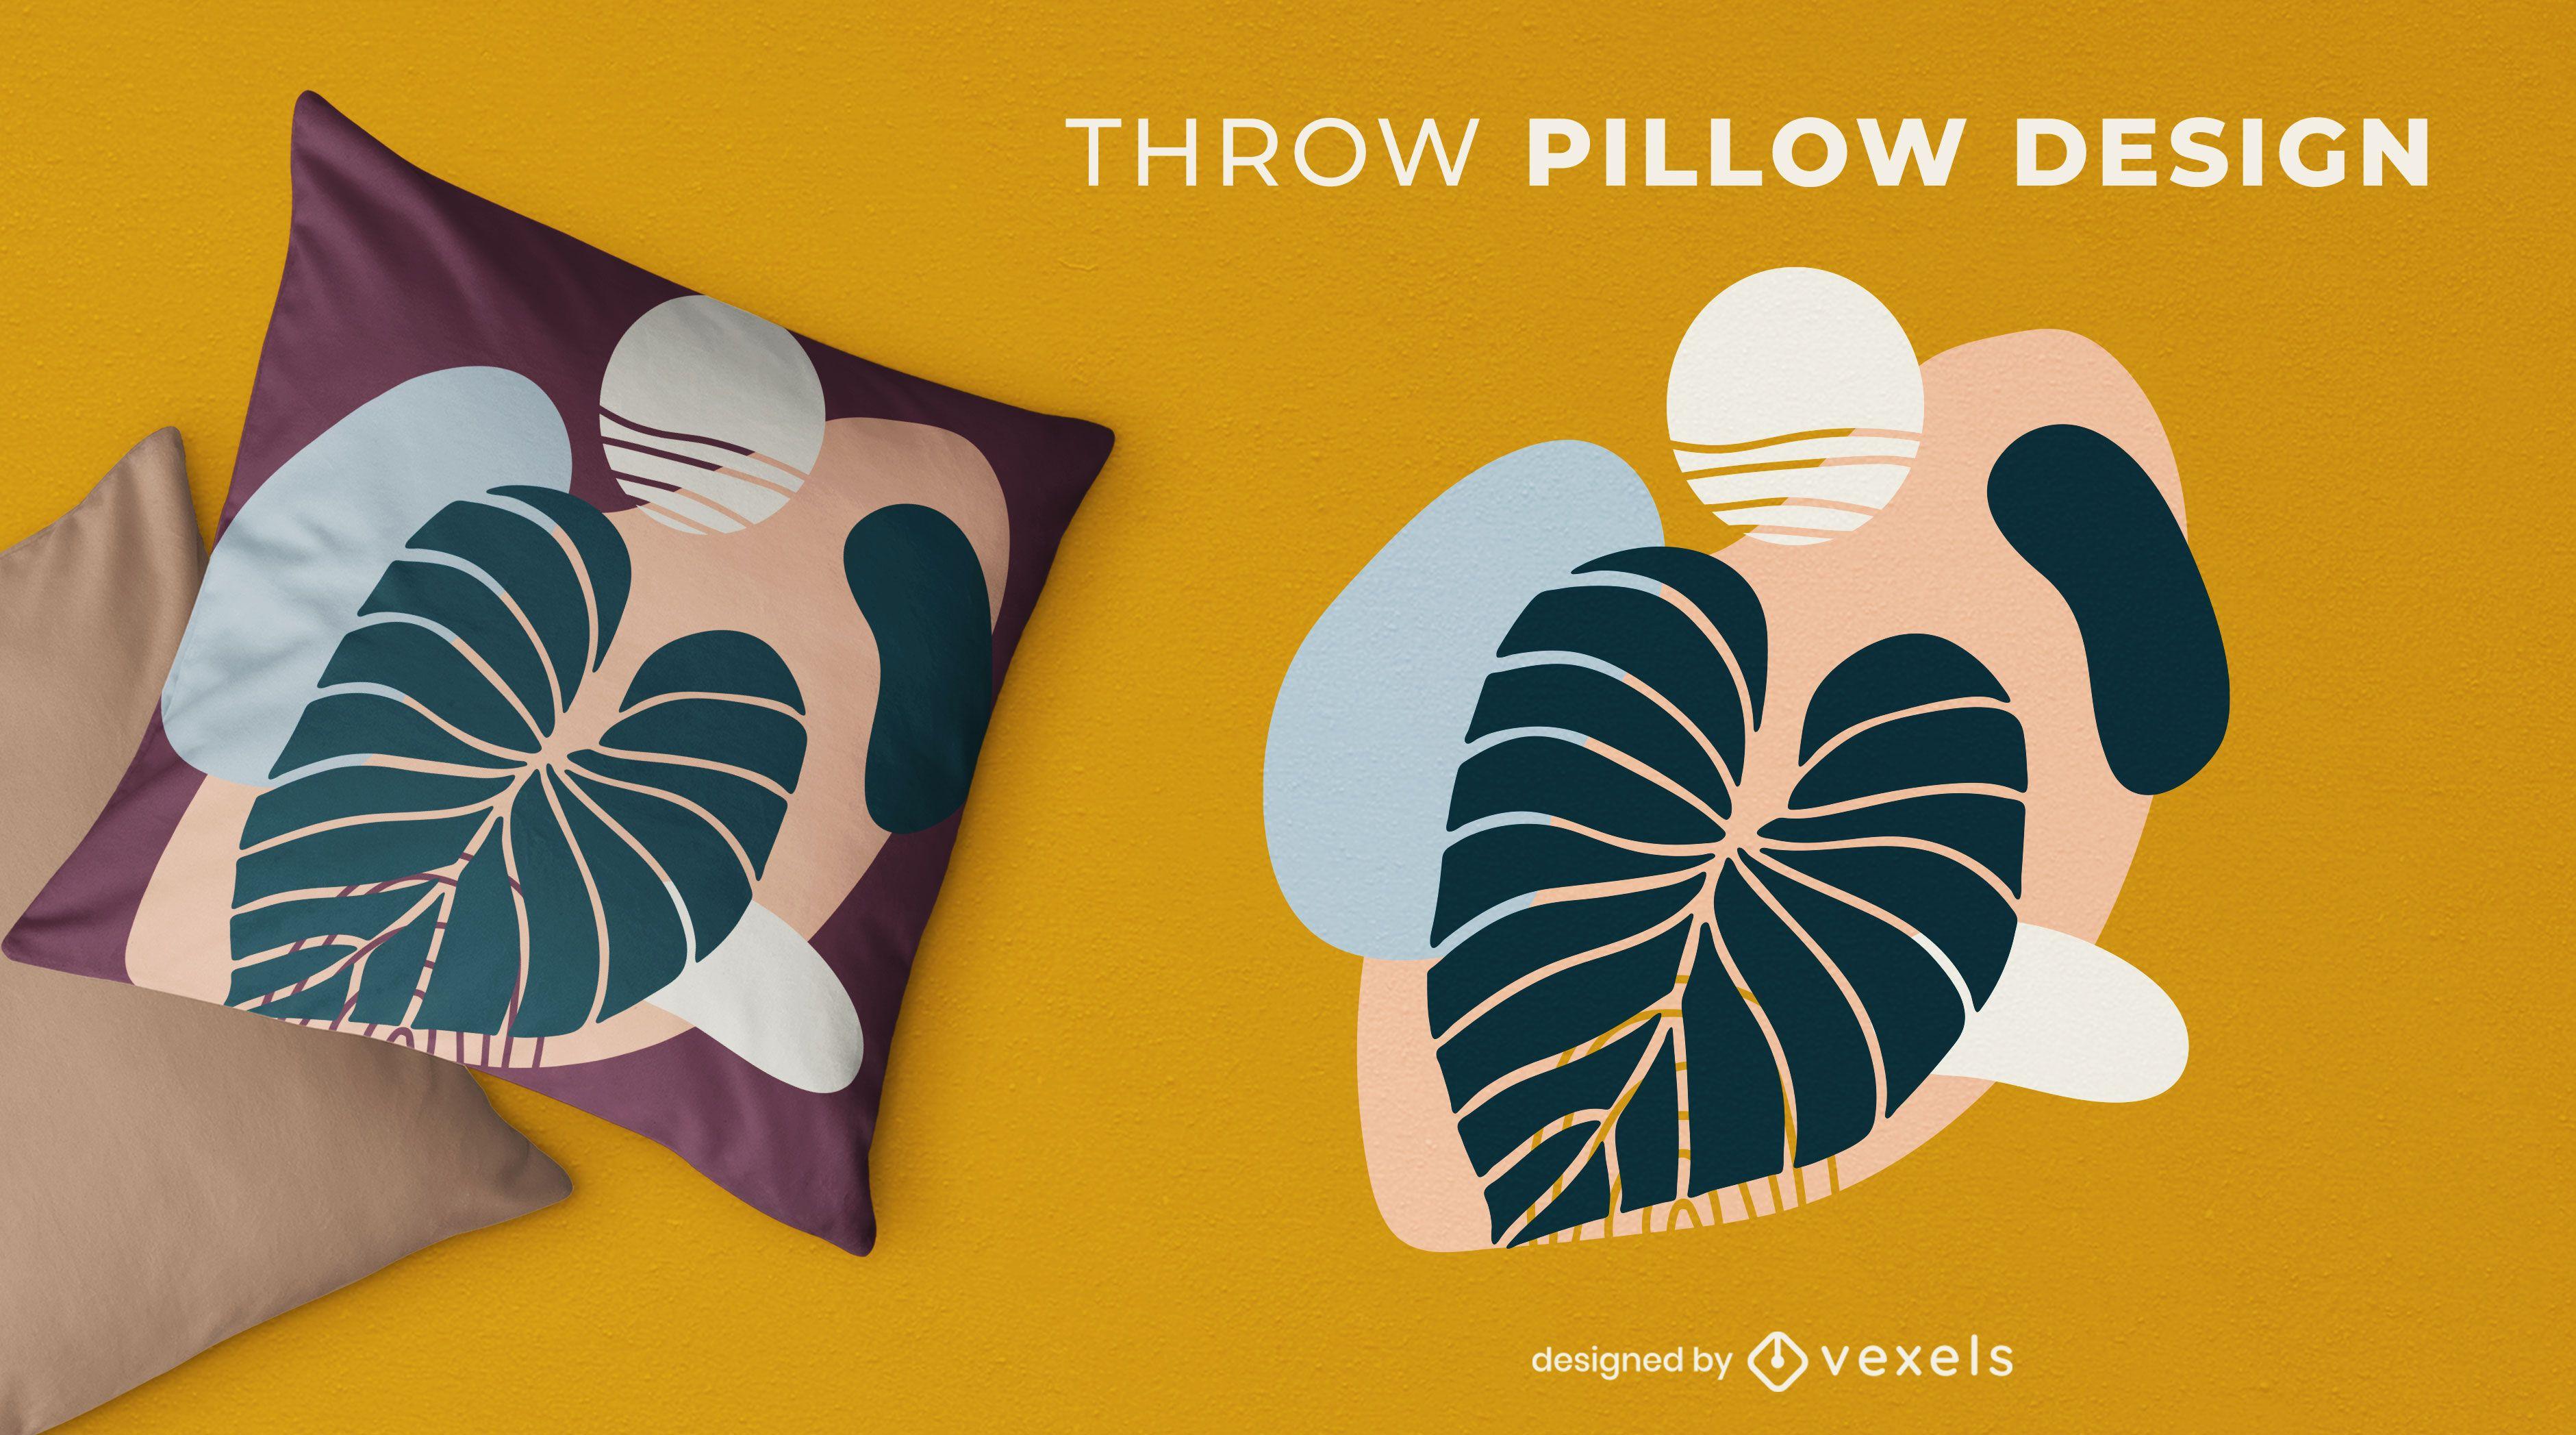 Diseño de almohada de tiro abstracto de hoja